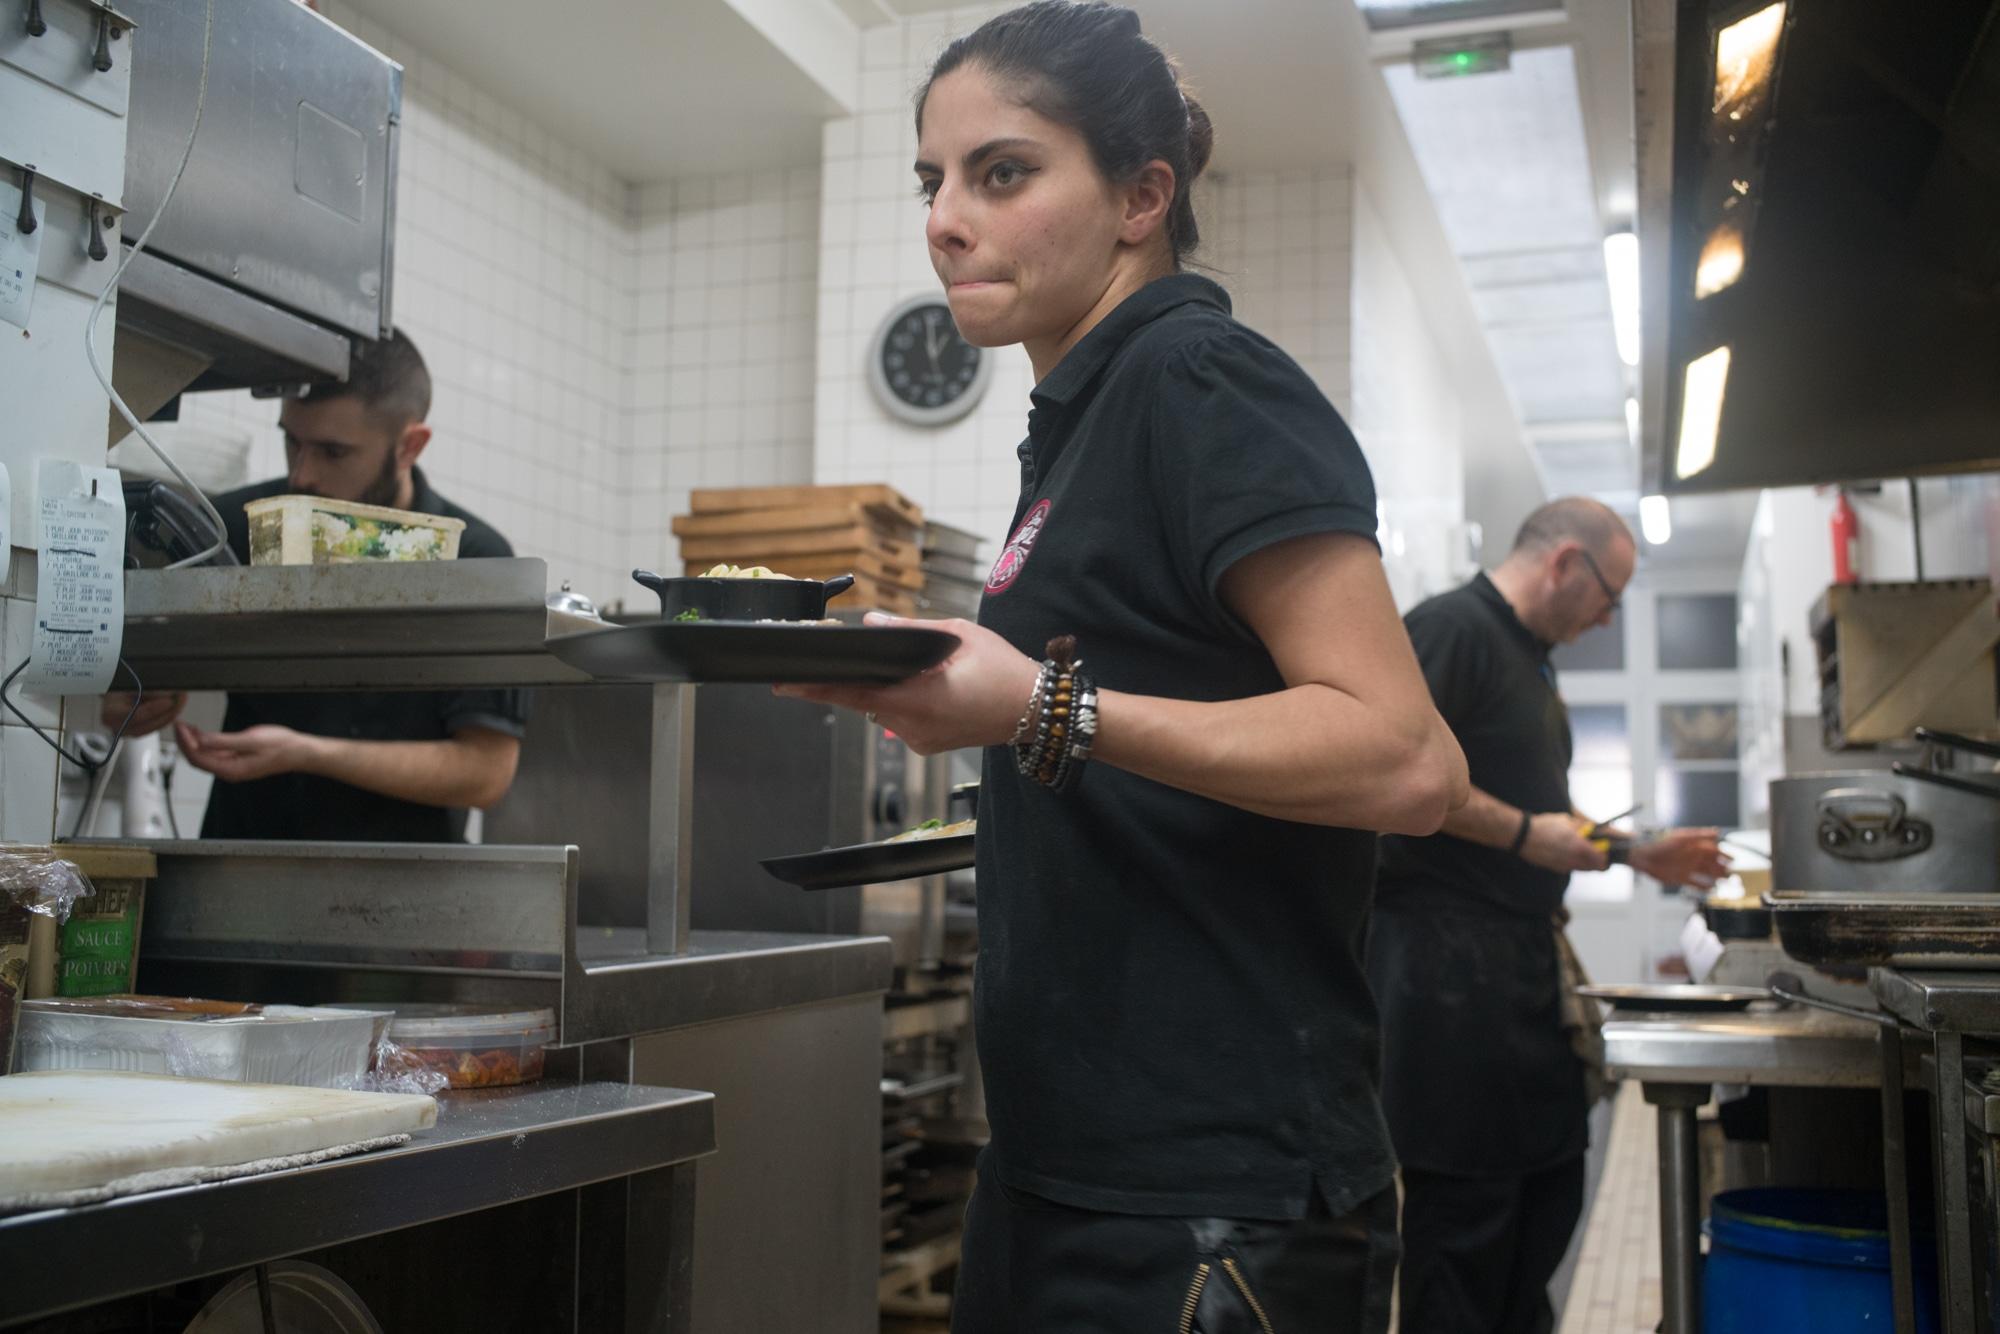 Un plat dans chaque main, Océane s'apprête à quitter la cuisine.